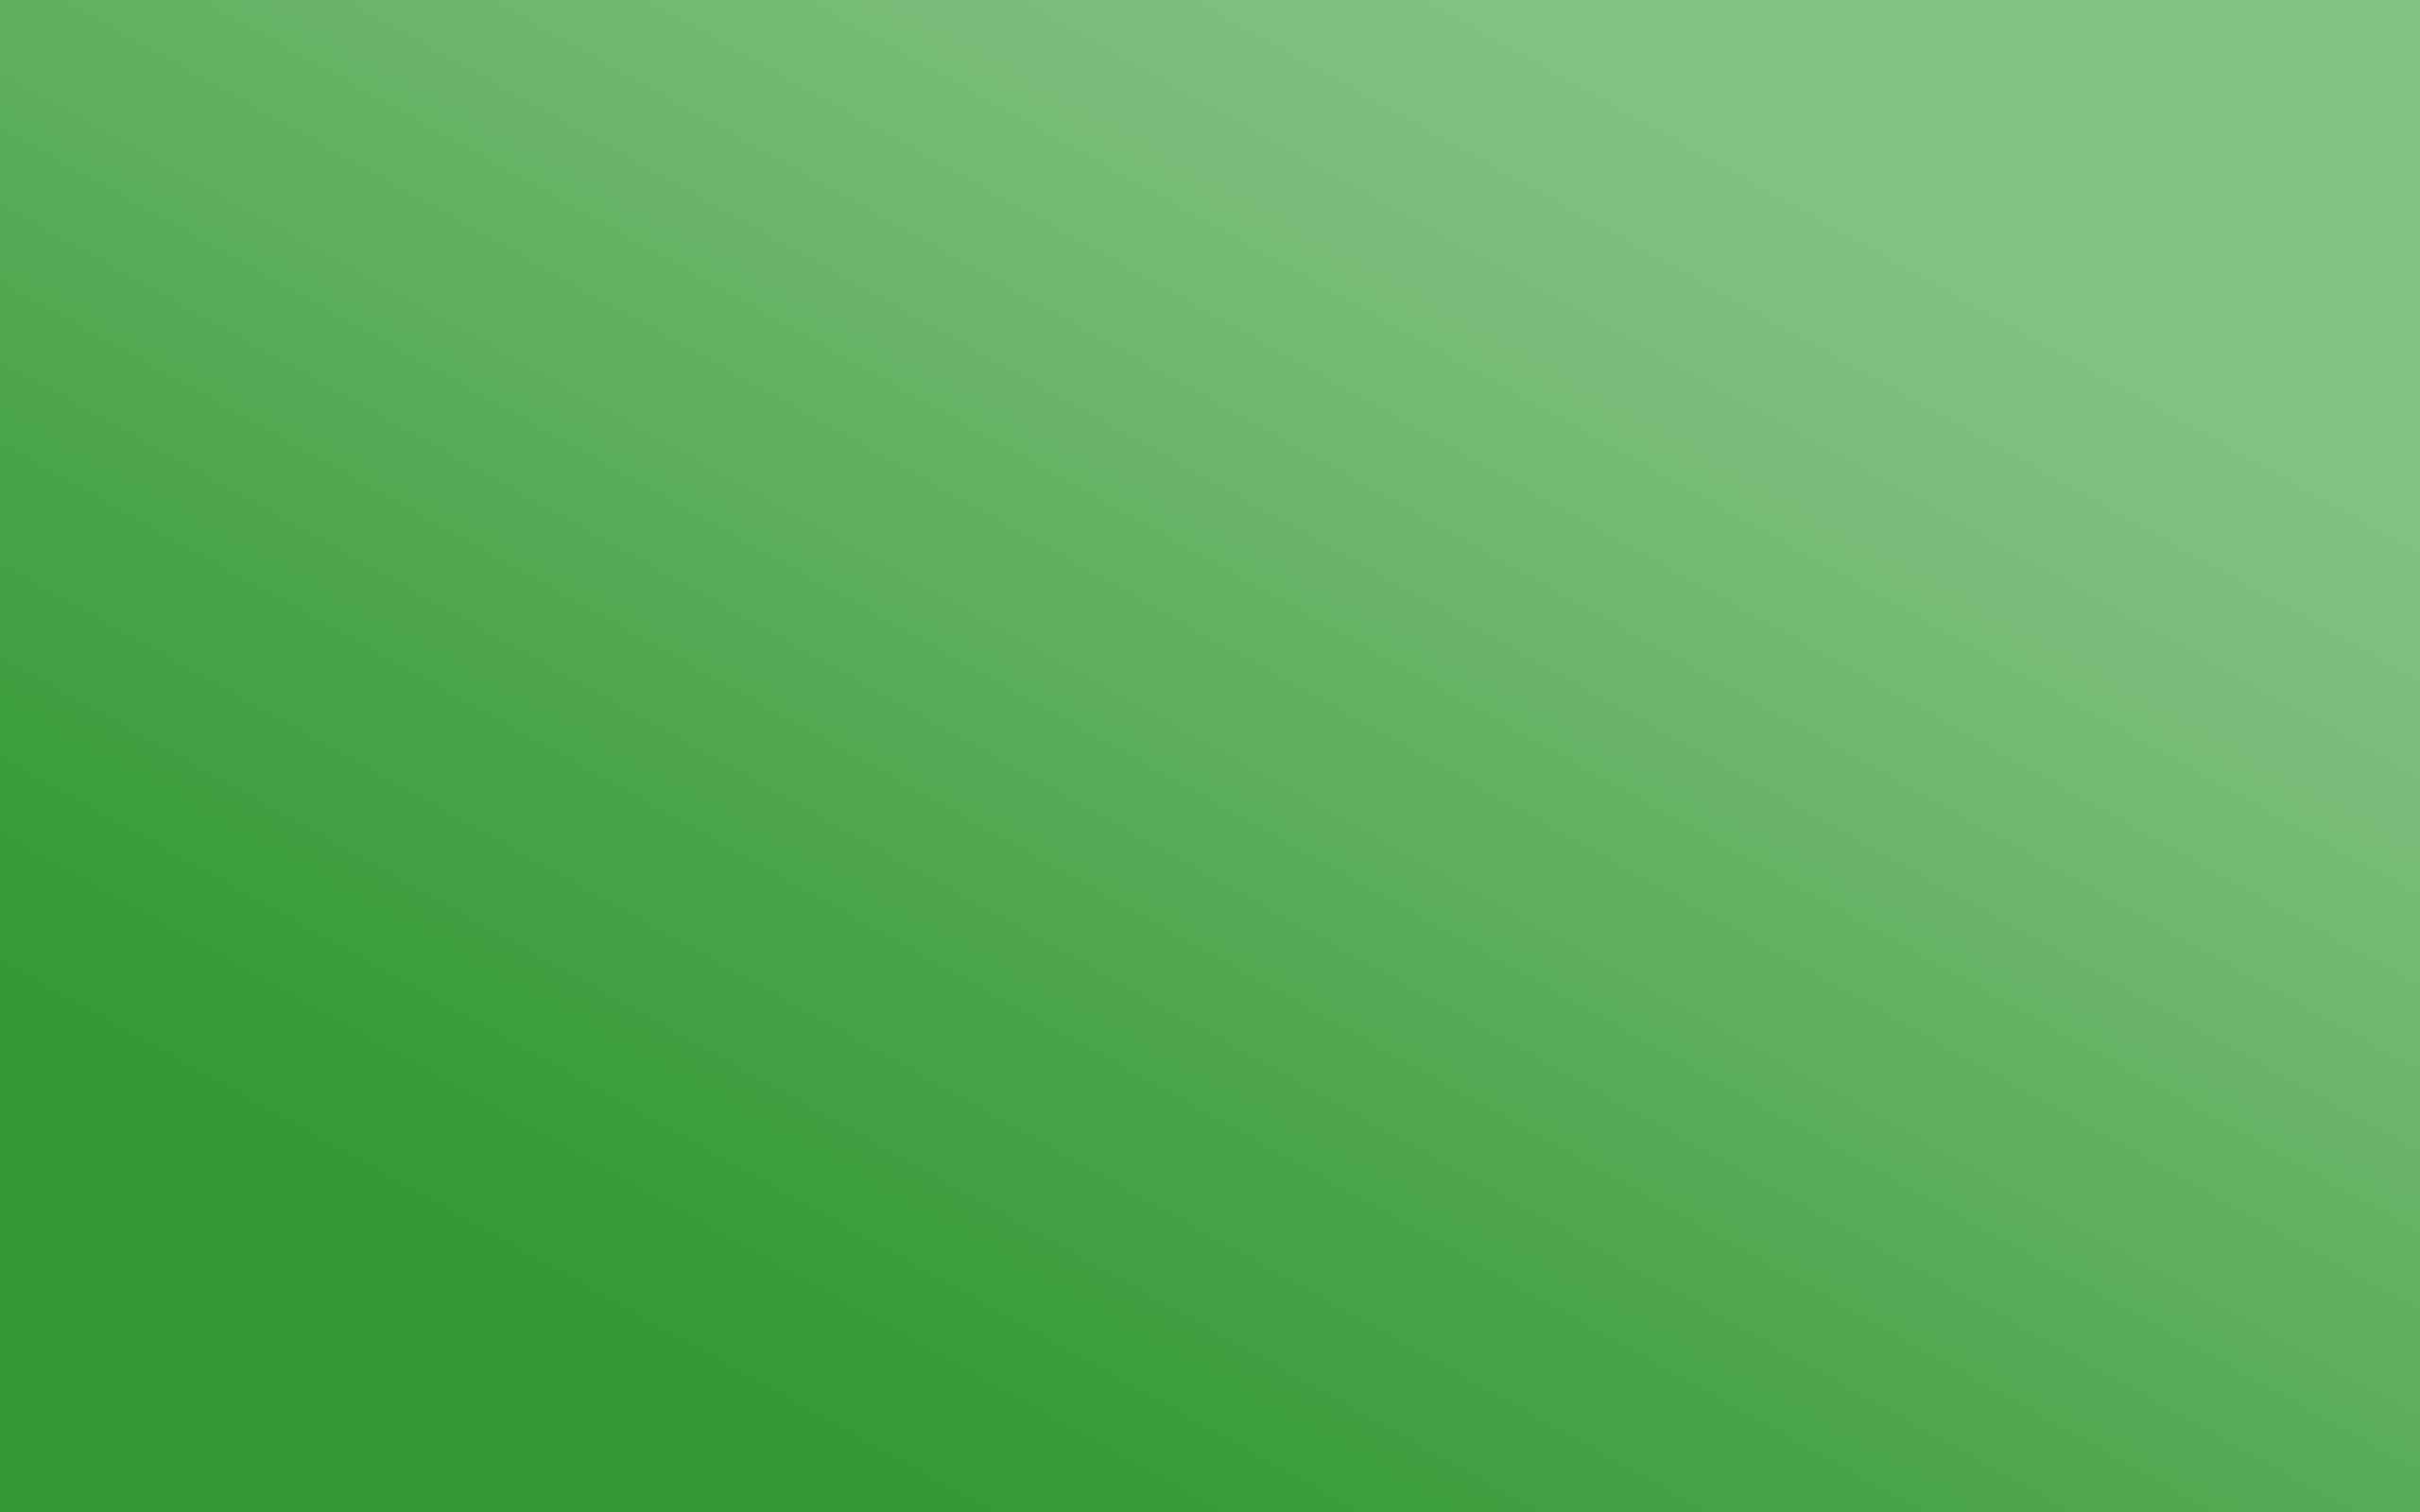 Solid Green Color Wallpaper